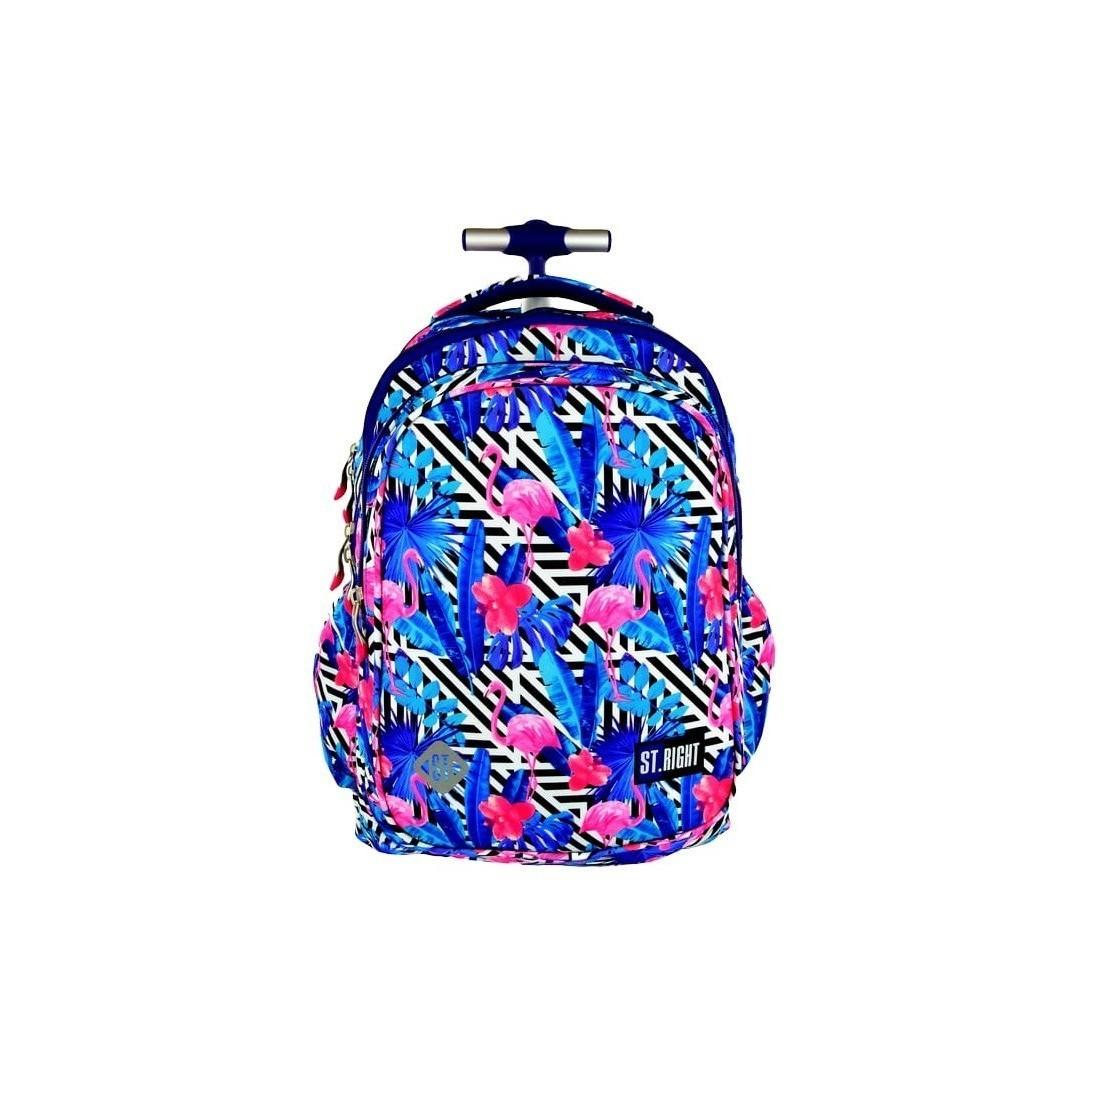 591f57dbbeebc Plecak szkolny na kółkach ST.RIGHT Flamingo Pink&Blue flamingi niebieski  dla dziewczynki.